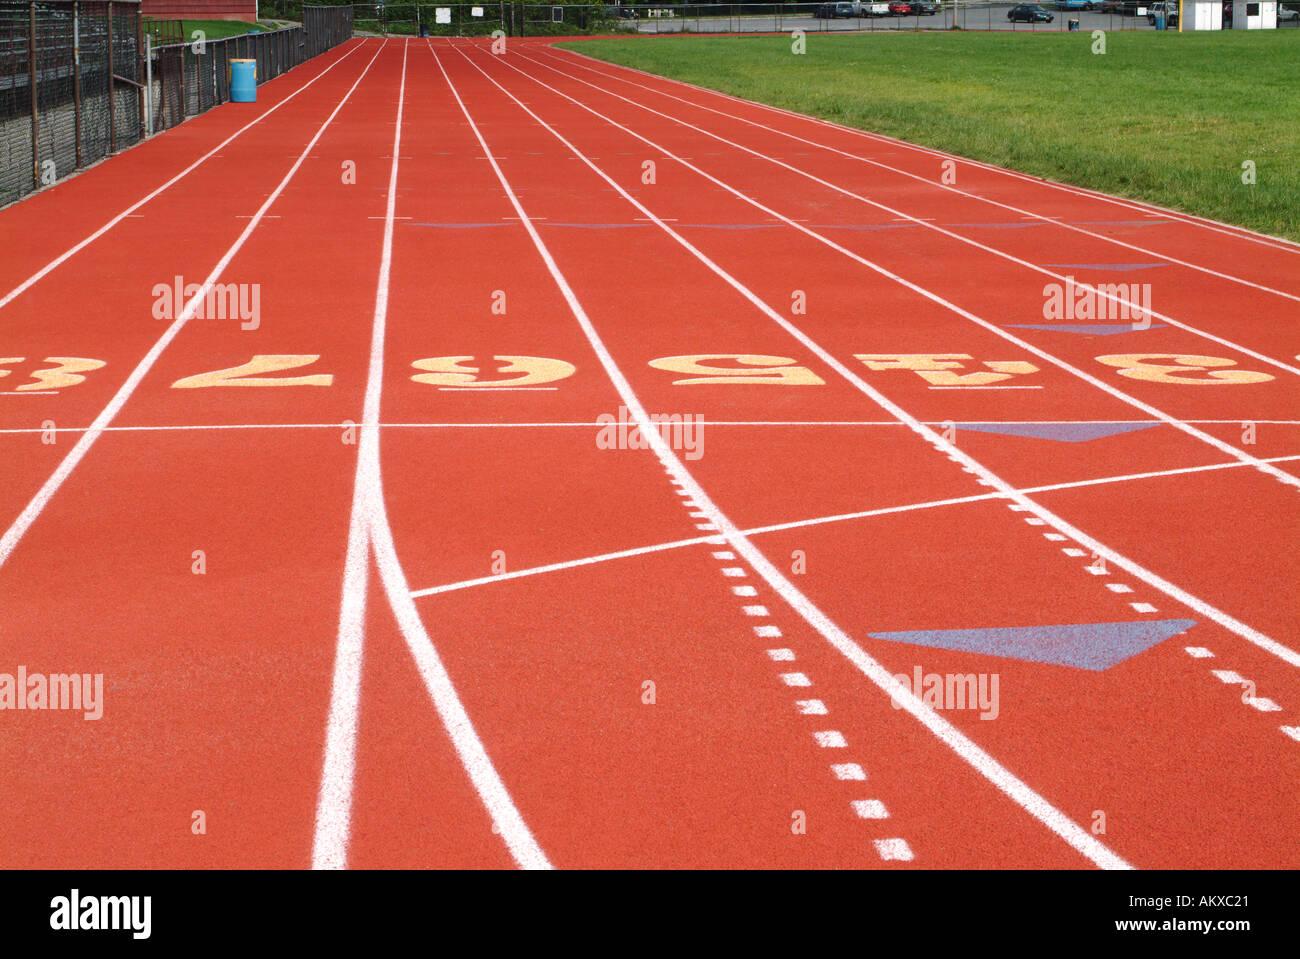 Pista de Atletismo highschool Imagen De Stock